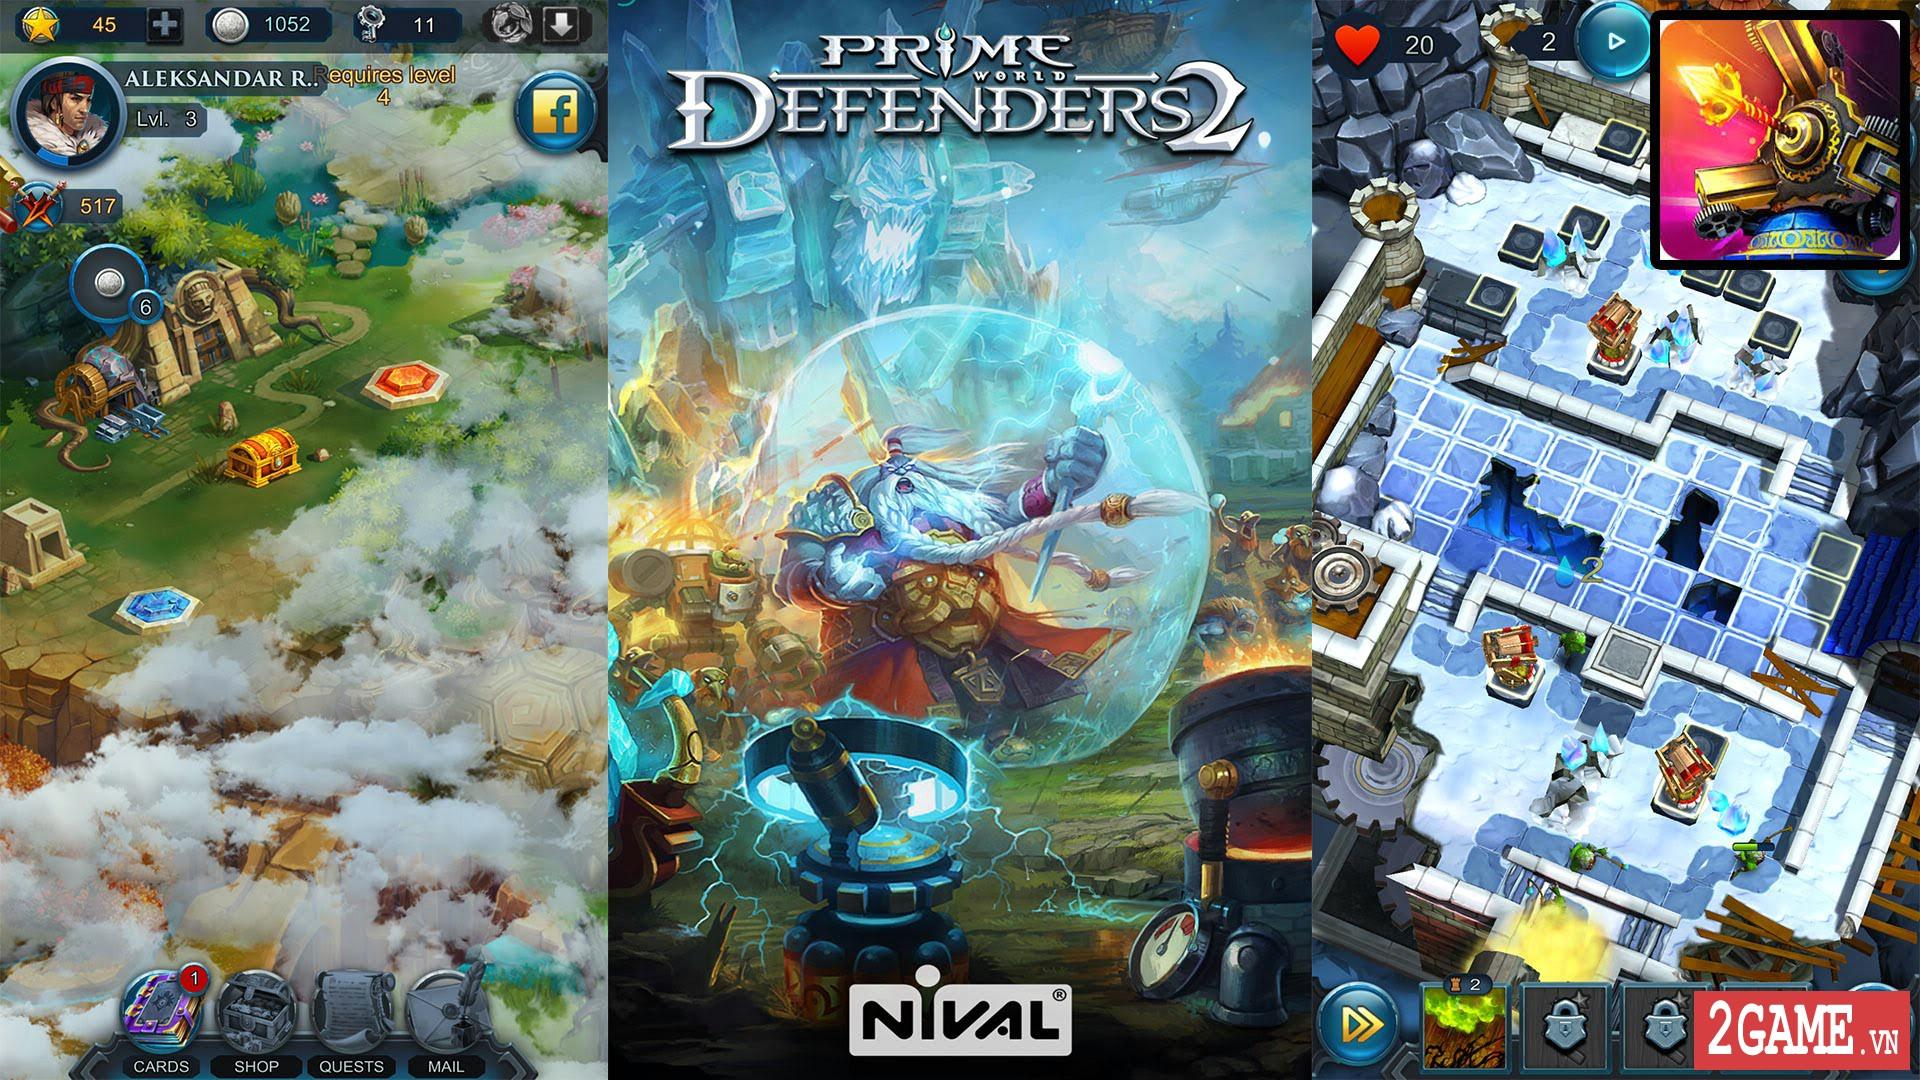 Prime World : Defenders 2 – Game thủ trụ kết hợp nhập vai với lối chơi cực chất 1